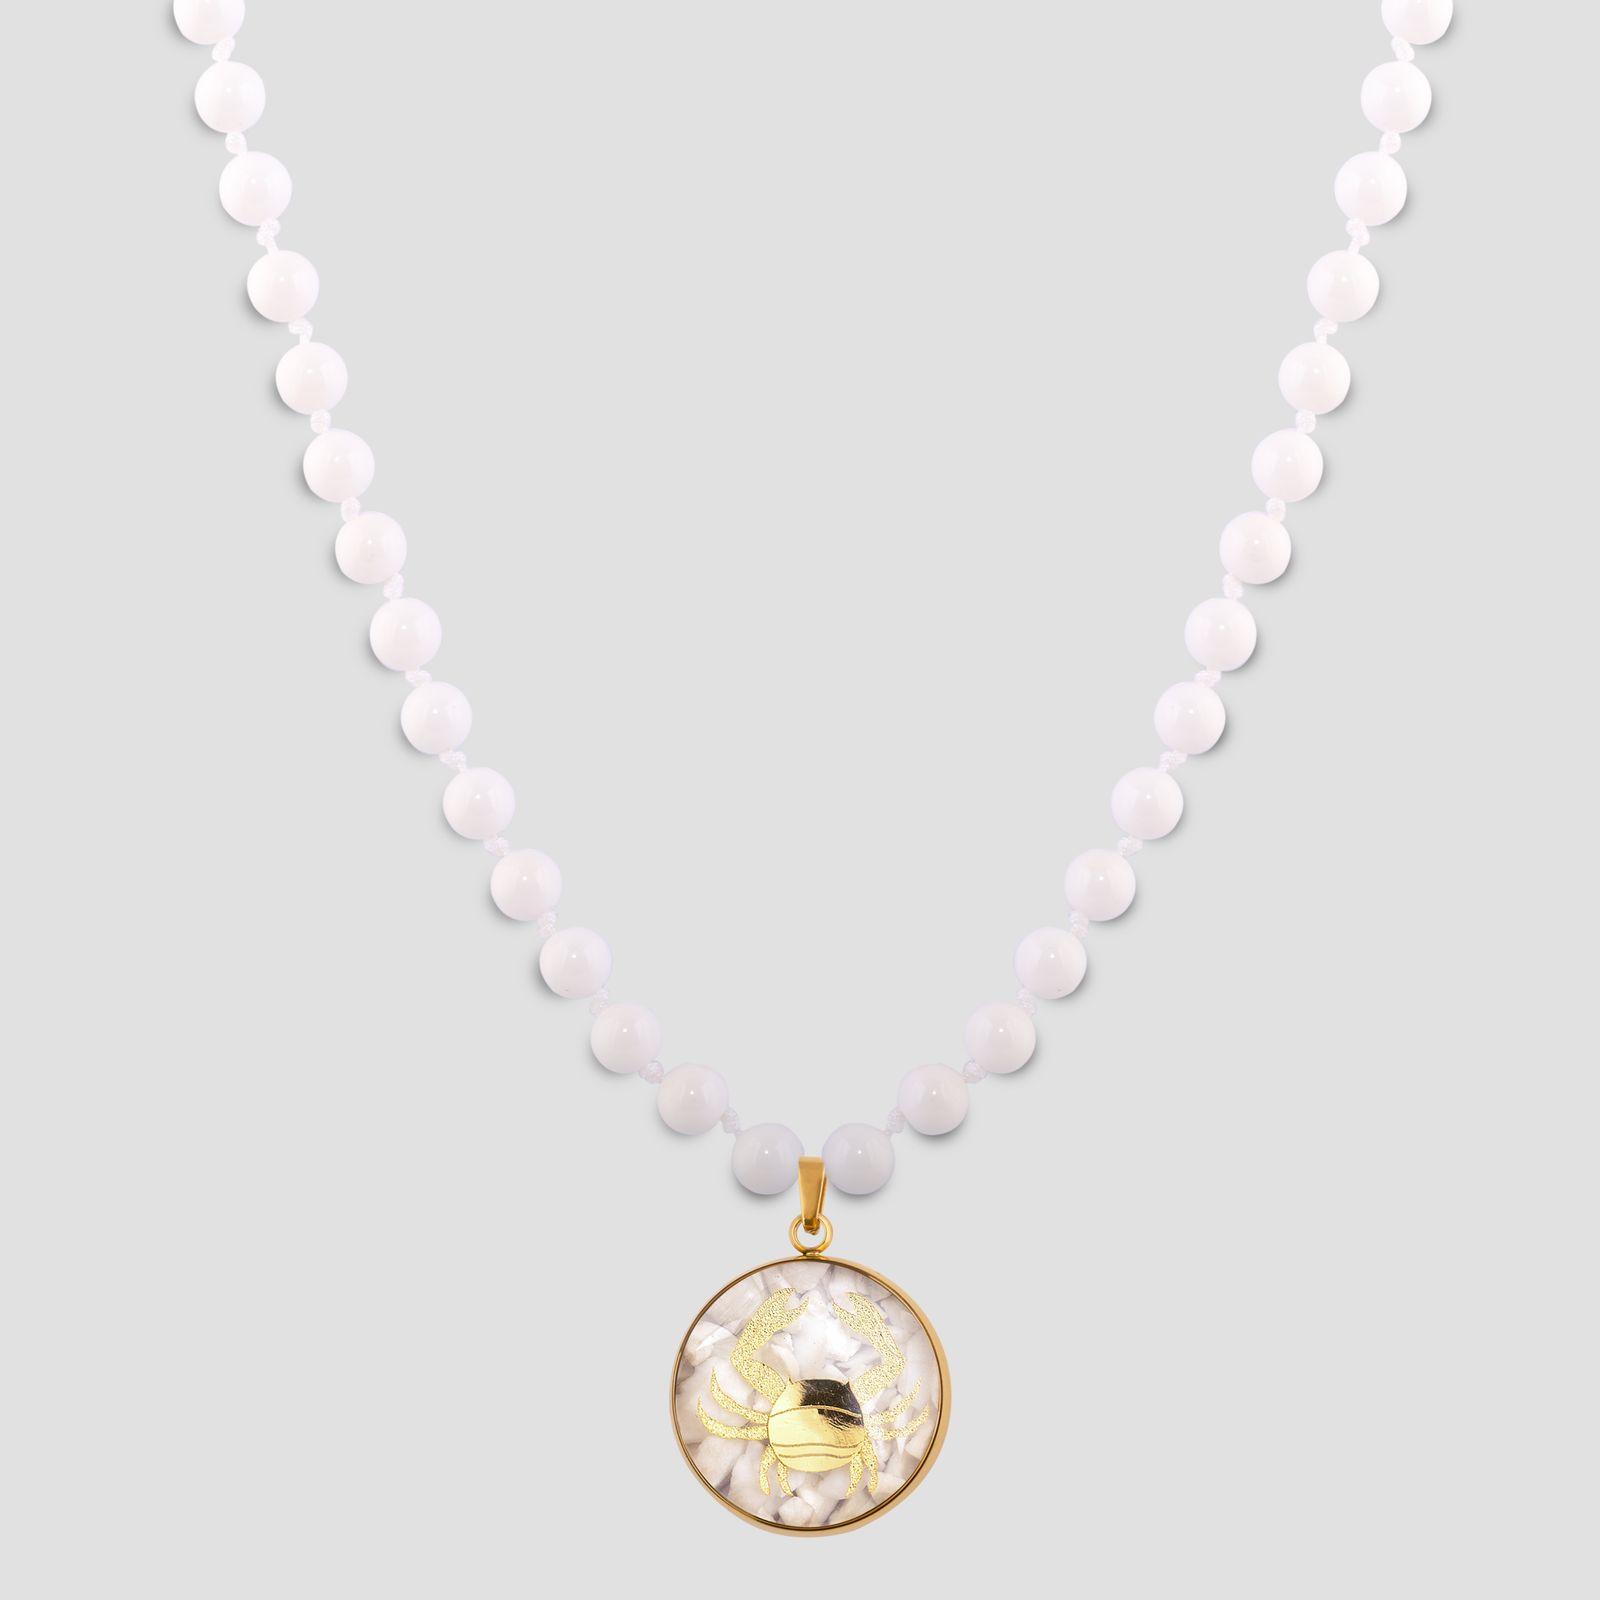 گردنبند زنانه الون طرح نماد ماه تیر کد SAD102 -  - 2